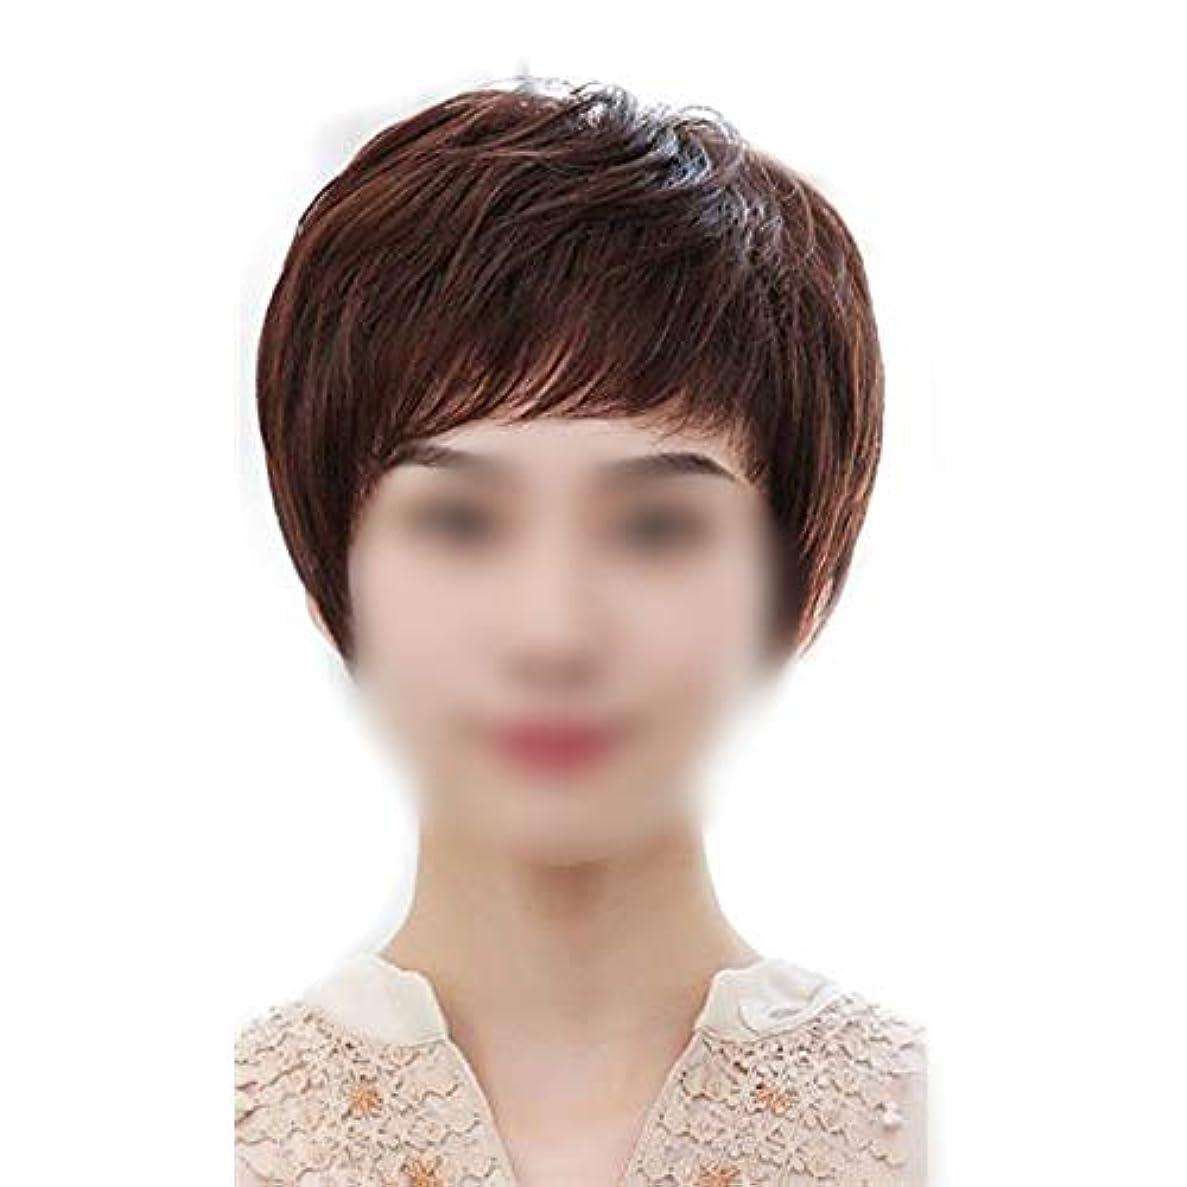 着るベーシック一般YOUQIU 中年ウィッグのために髪とふわふわふわふわライトショートストレート髪を持つ女性のフル手の手織りの針 (色 : Natural black)